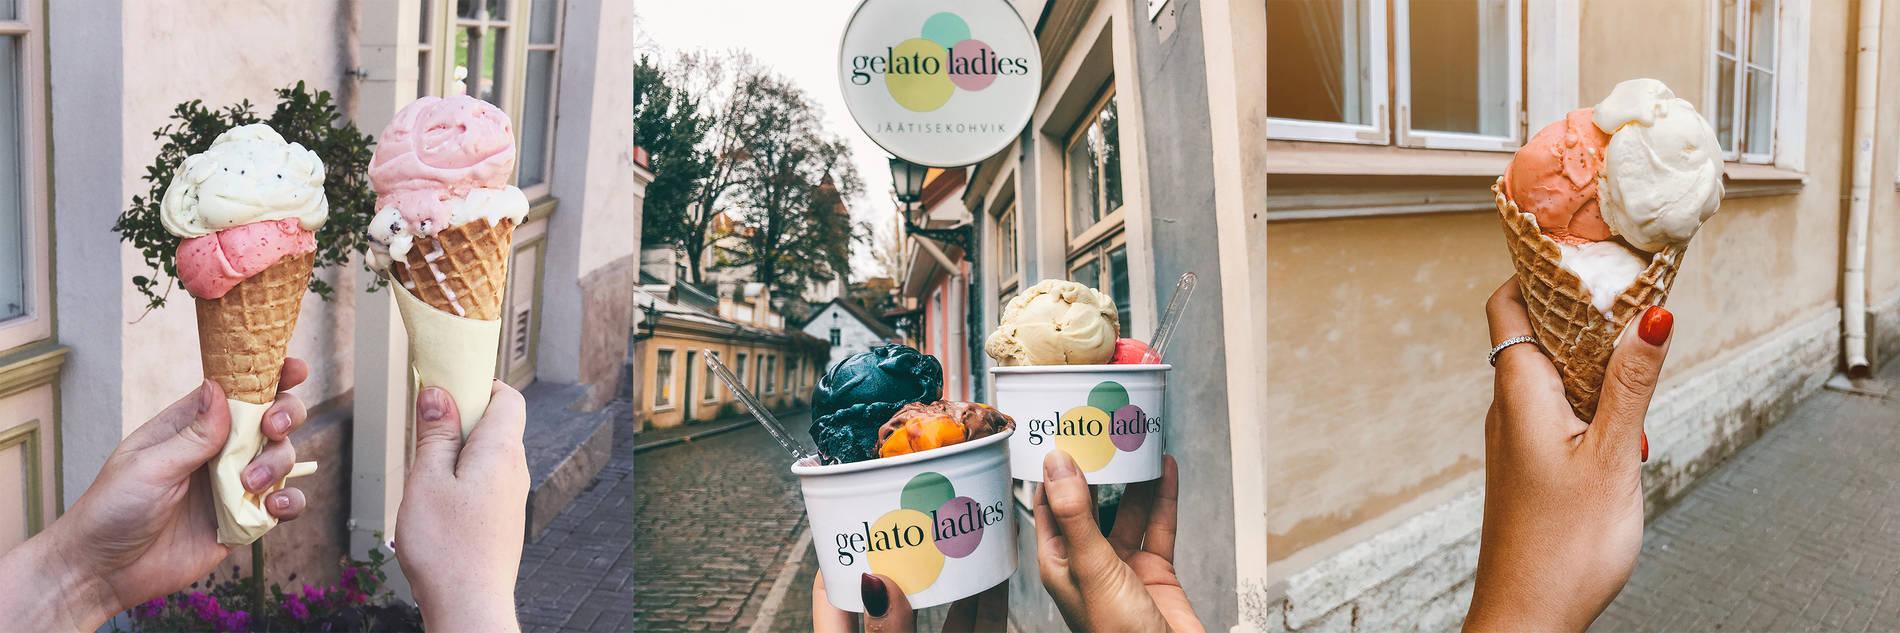 Gelato Ladies kahvilan jäätelö, Tallinna Kuva: